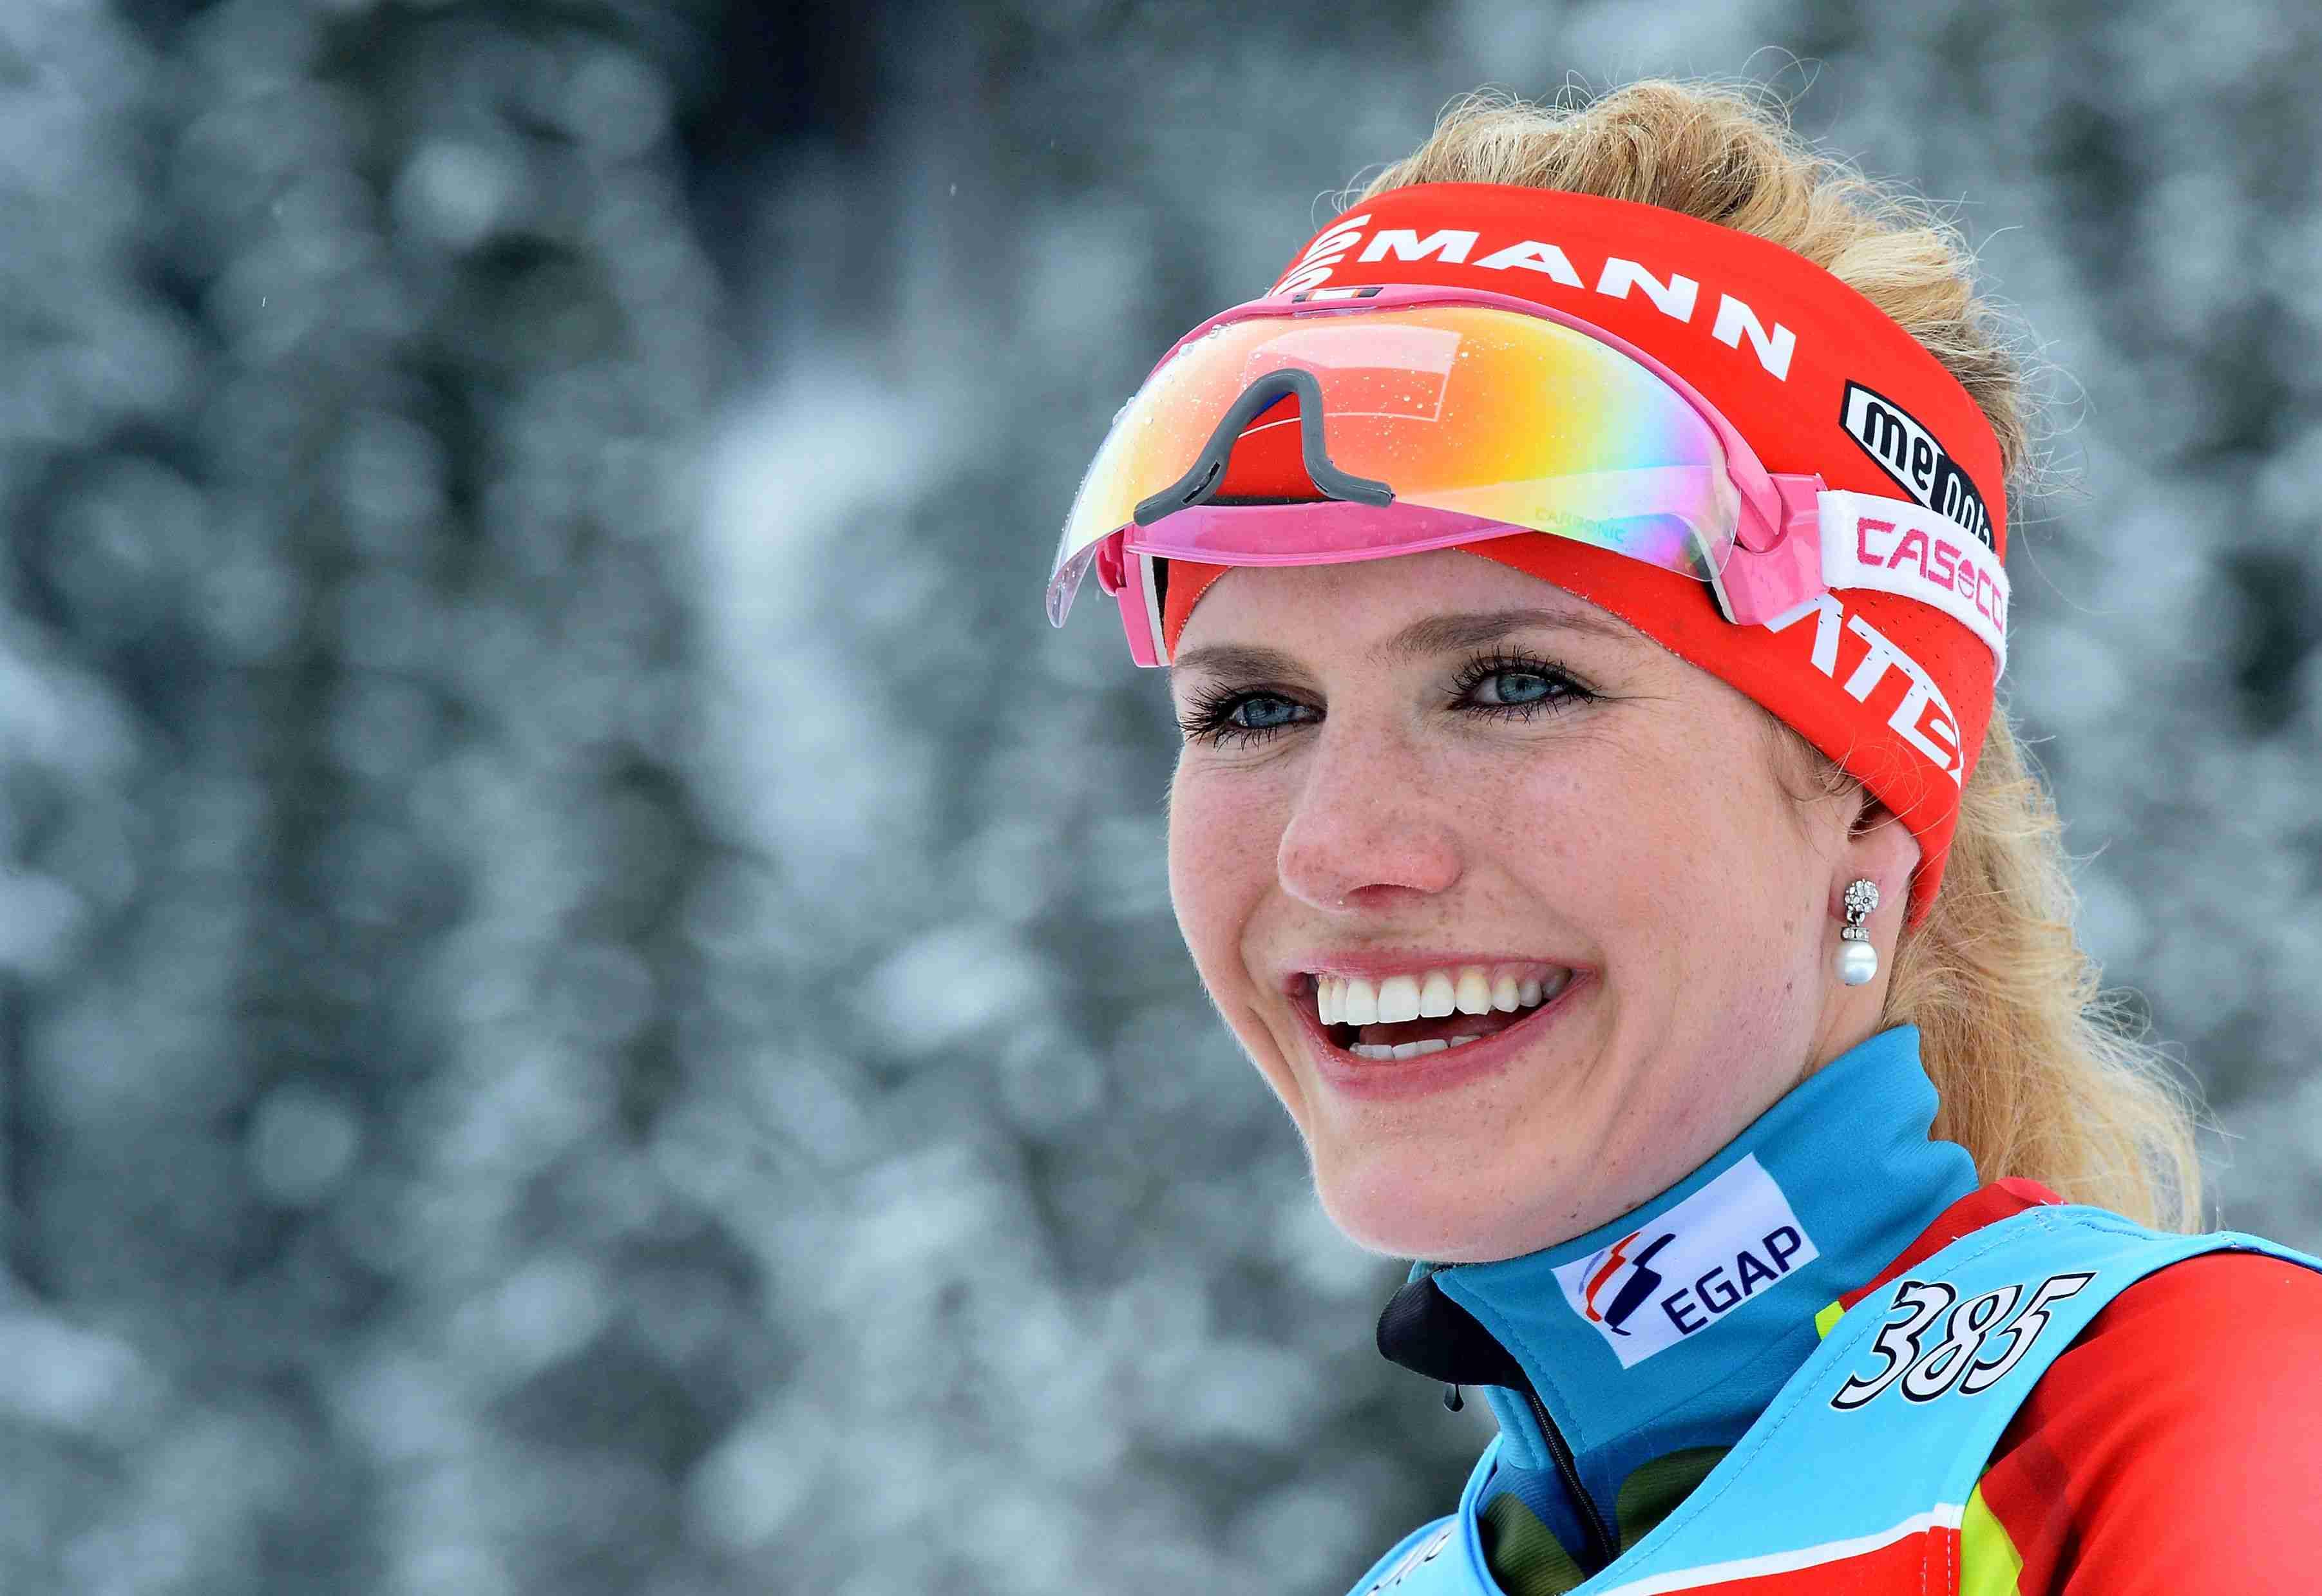 Чешка Коукалова выиграла золото вспринте наЧМ побиатлону